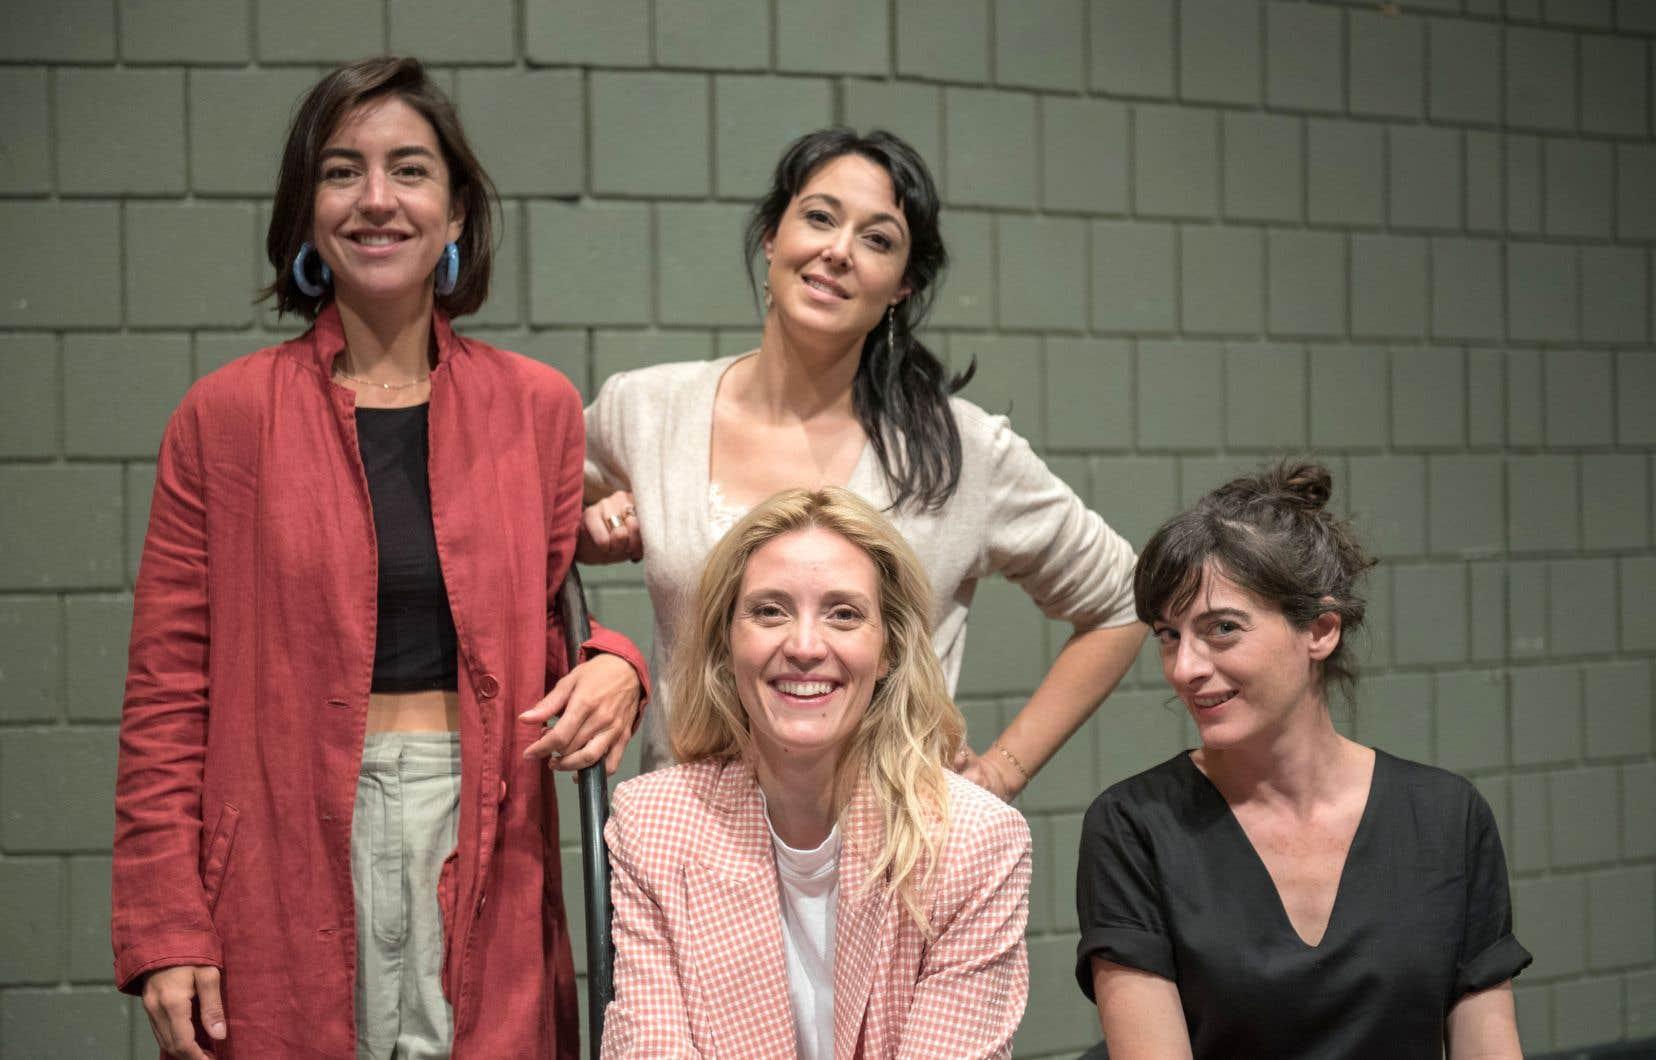 À l'arrière: la comédienne Alice Pascual et l'instigatrice du projet, Claudia Larochelle. À l'avant: la comédienne Evelyne Brochu et la metteure en scène Alexia Bürger.